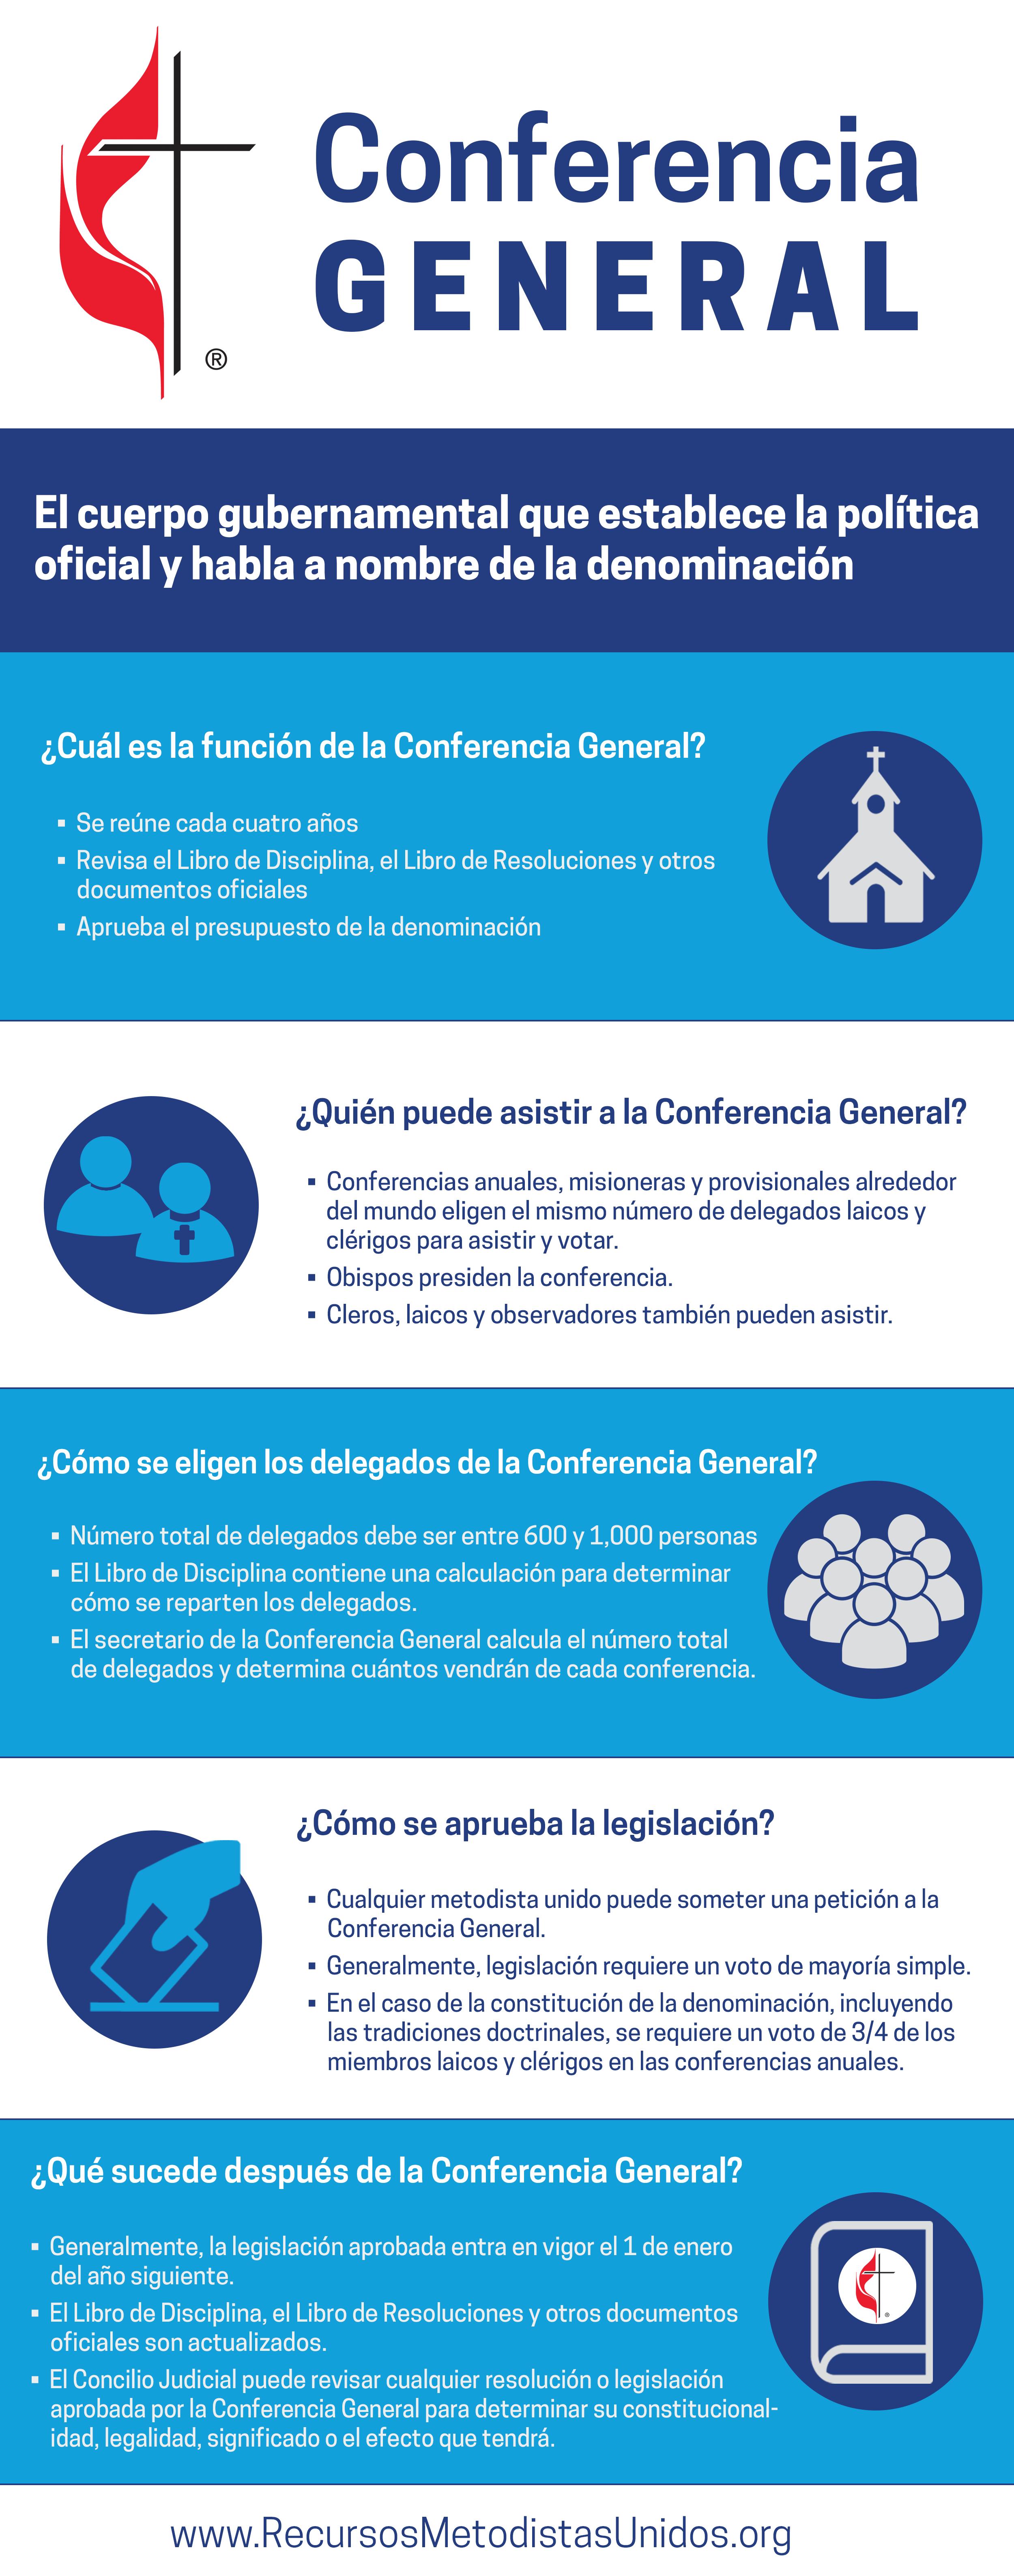 Graphica de la Conferencia General